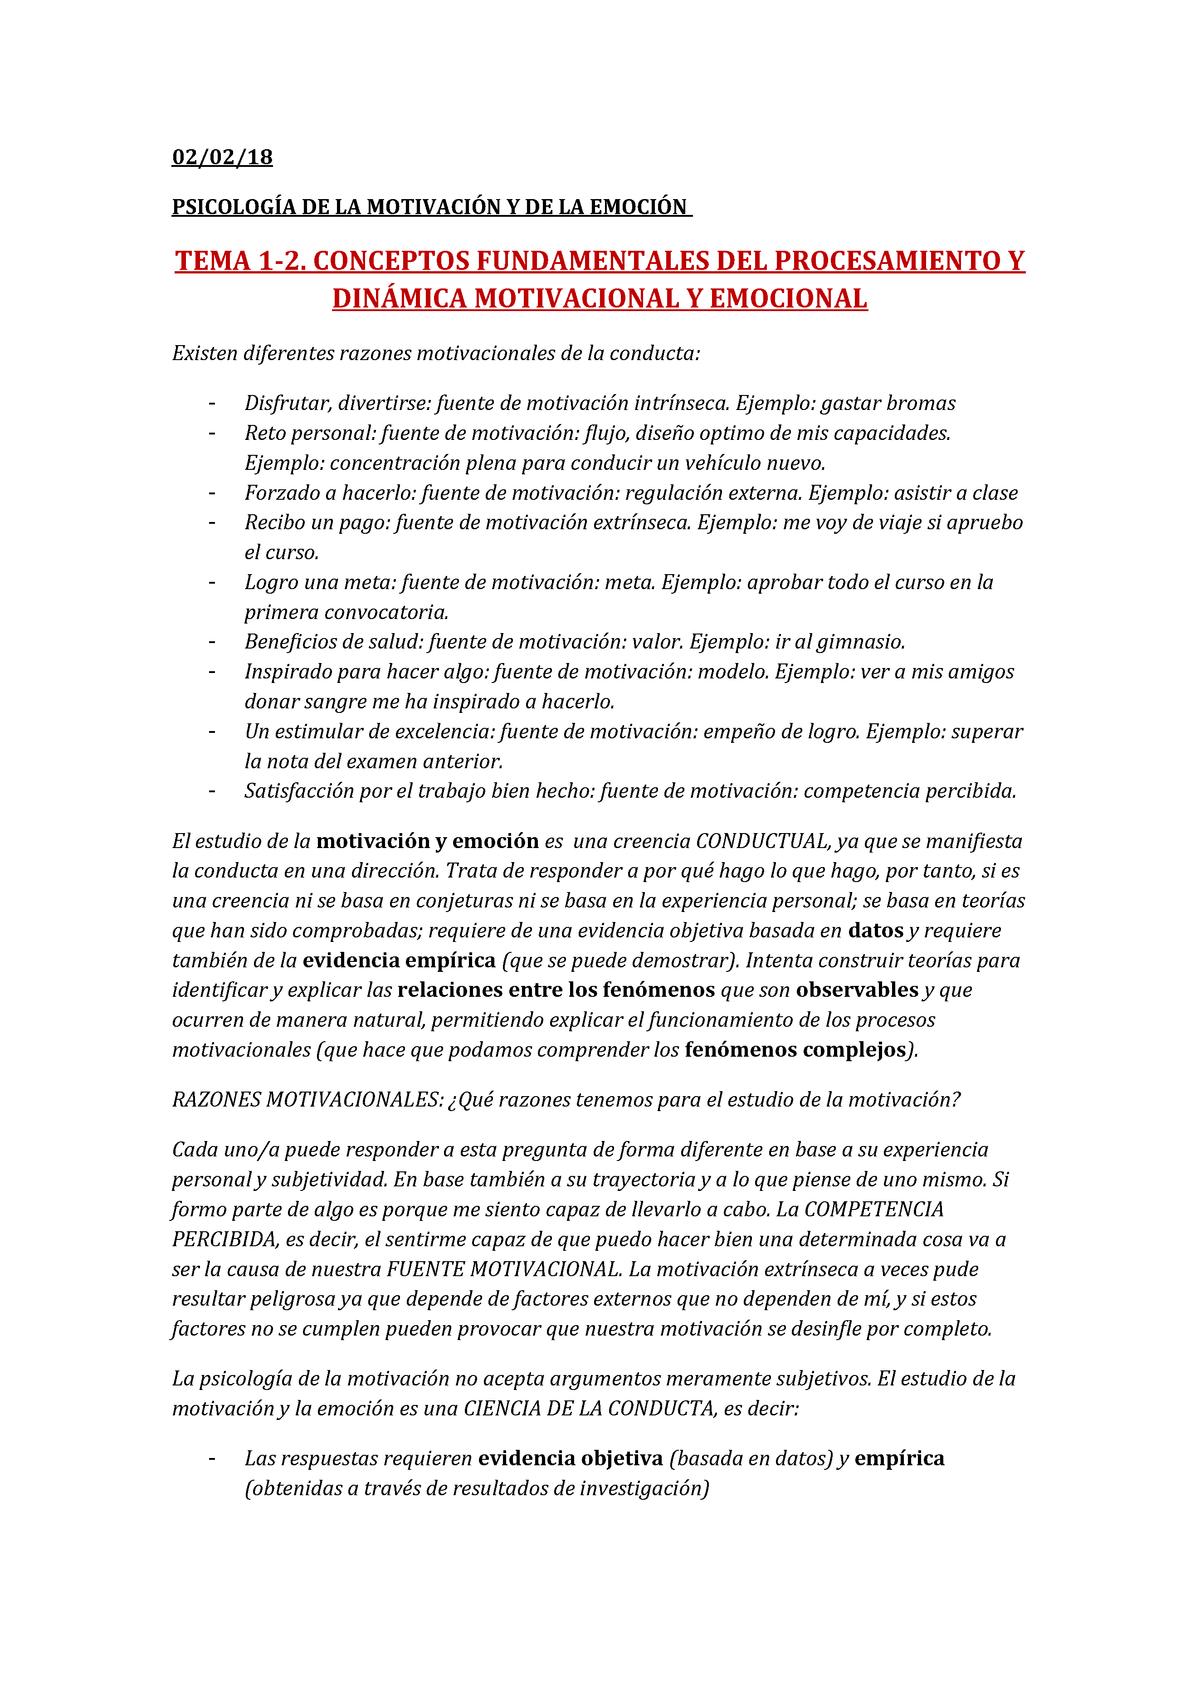 Psicología De La Motivación Y Emoción 33936 Uv Studocu